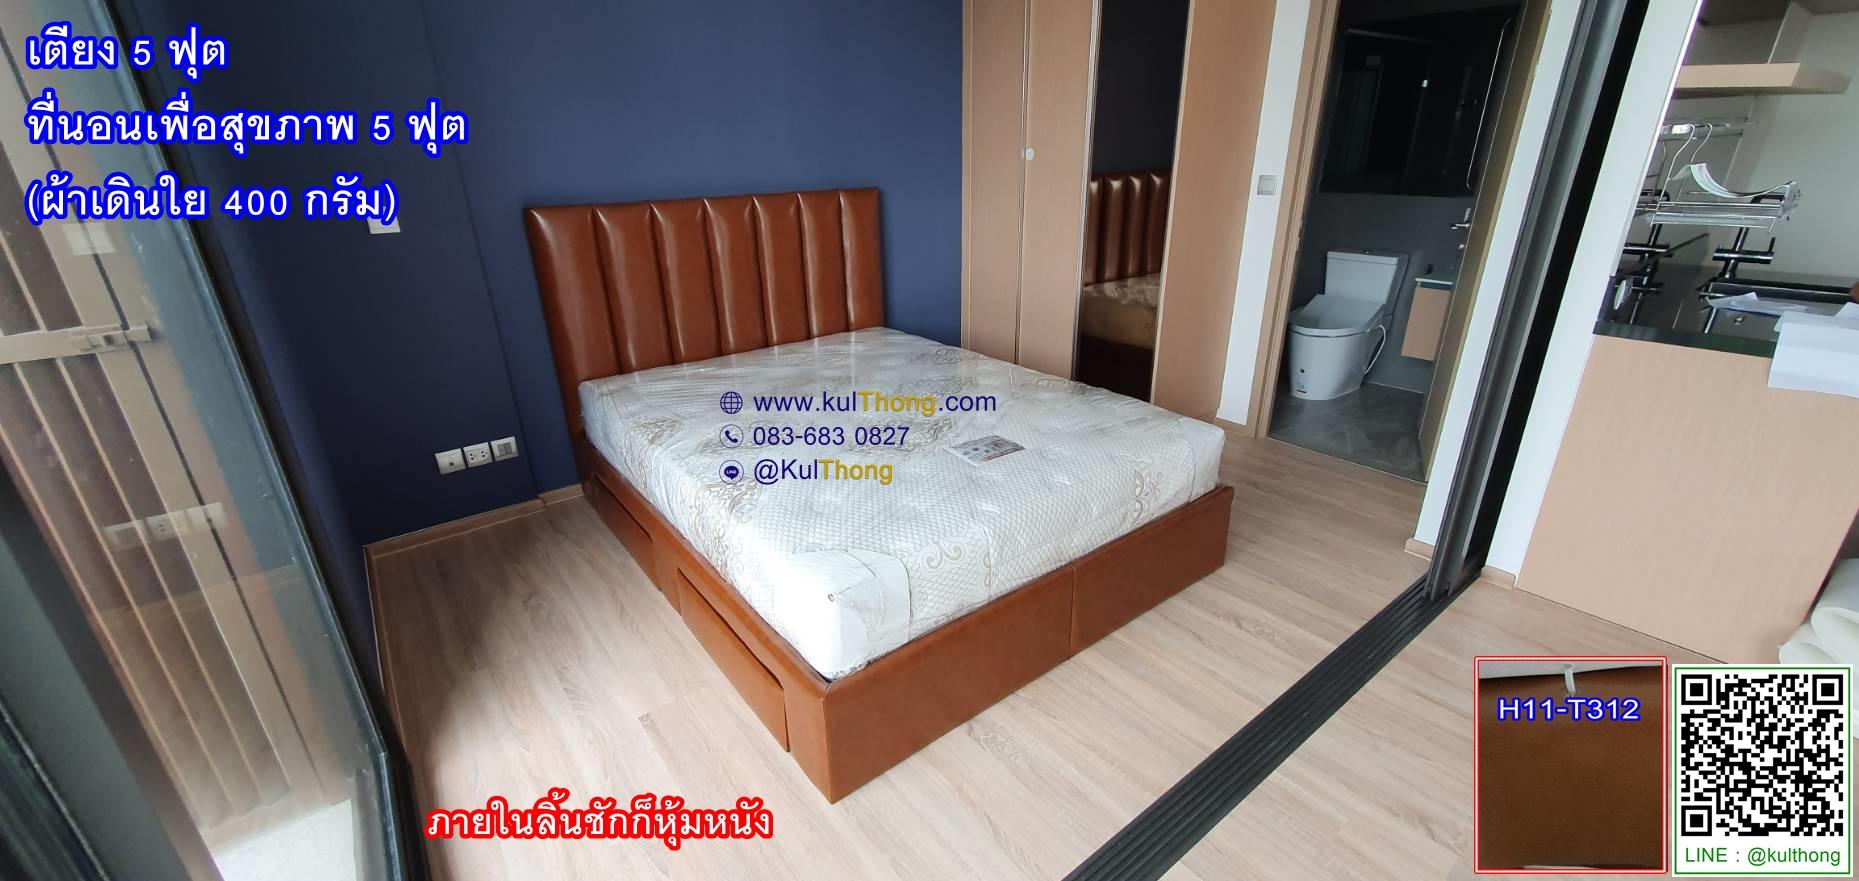 ฐานรองที่นอน เตียงนอนมีลิ้นชัก เตียงหุ้มหนัง เตียงสั่งผลิต